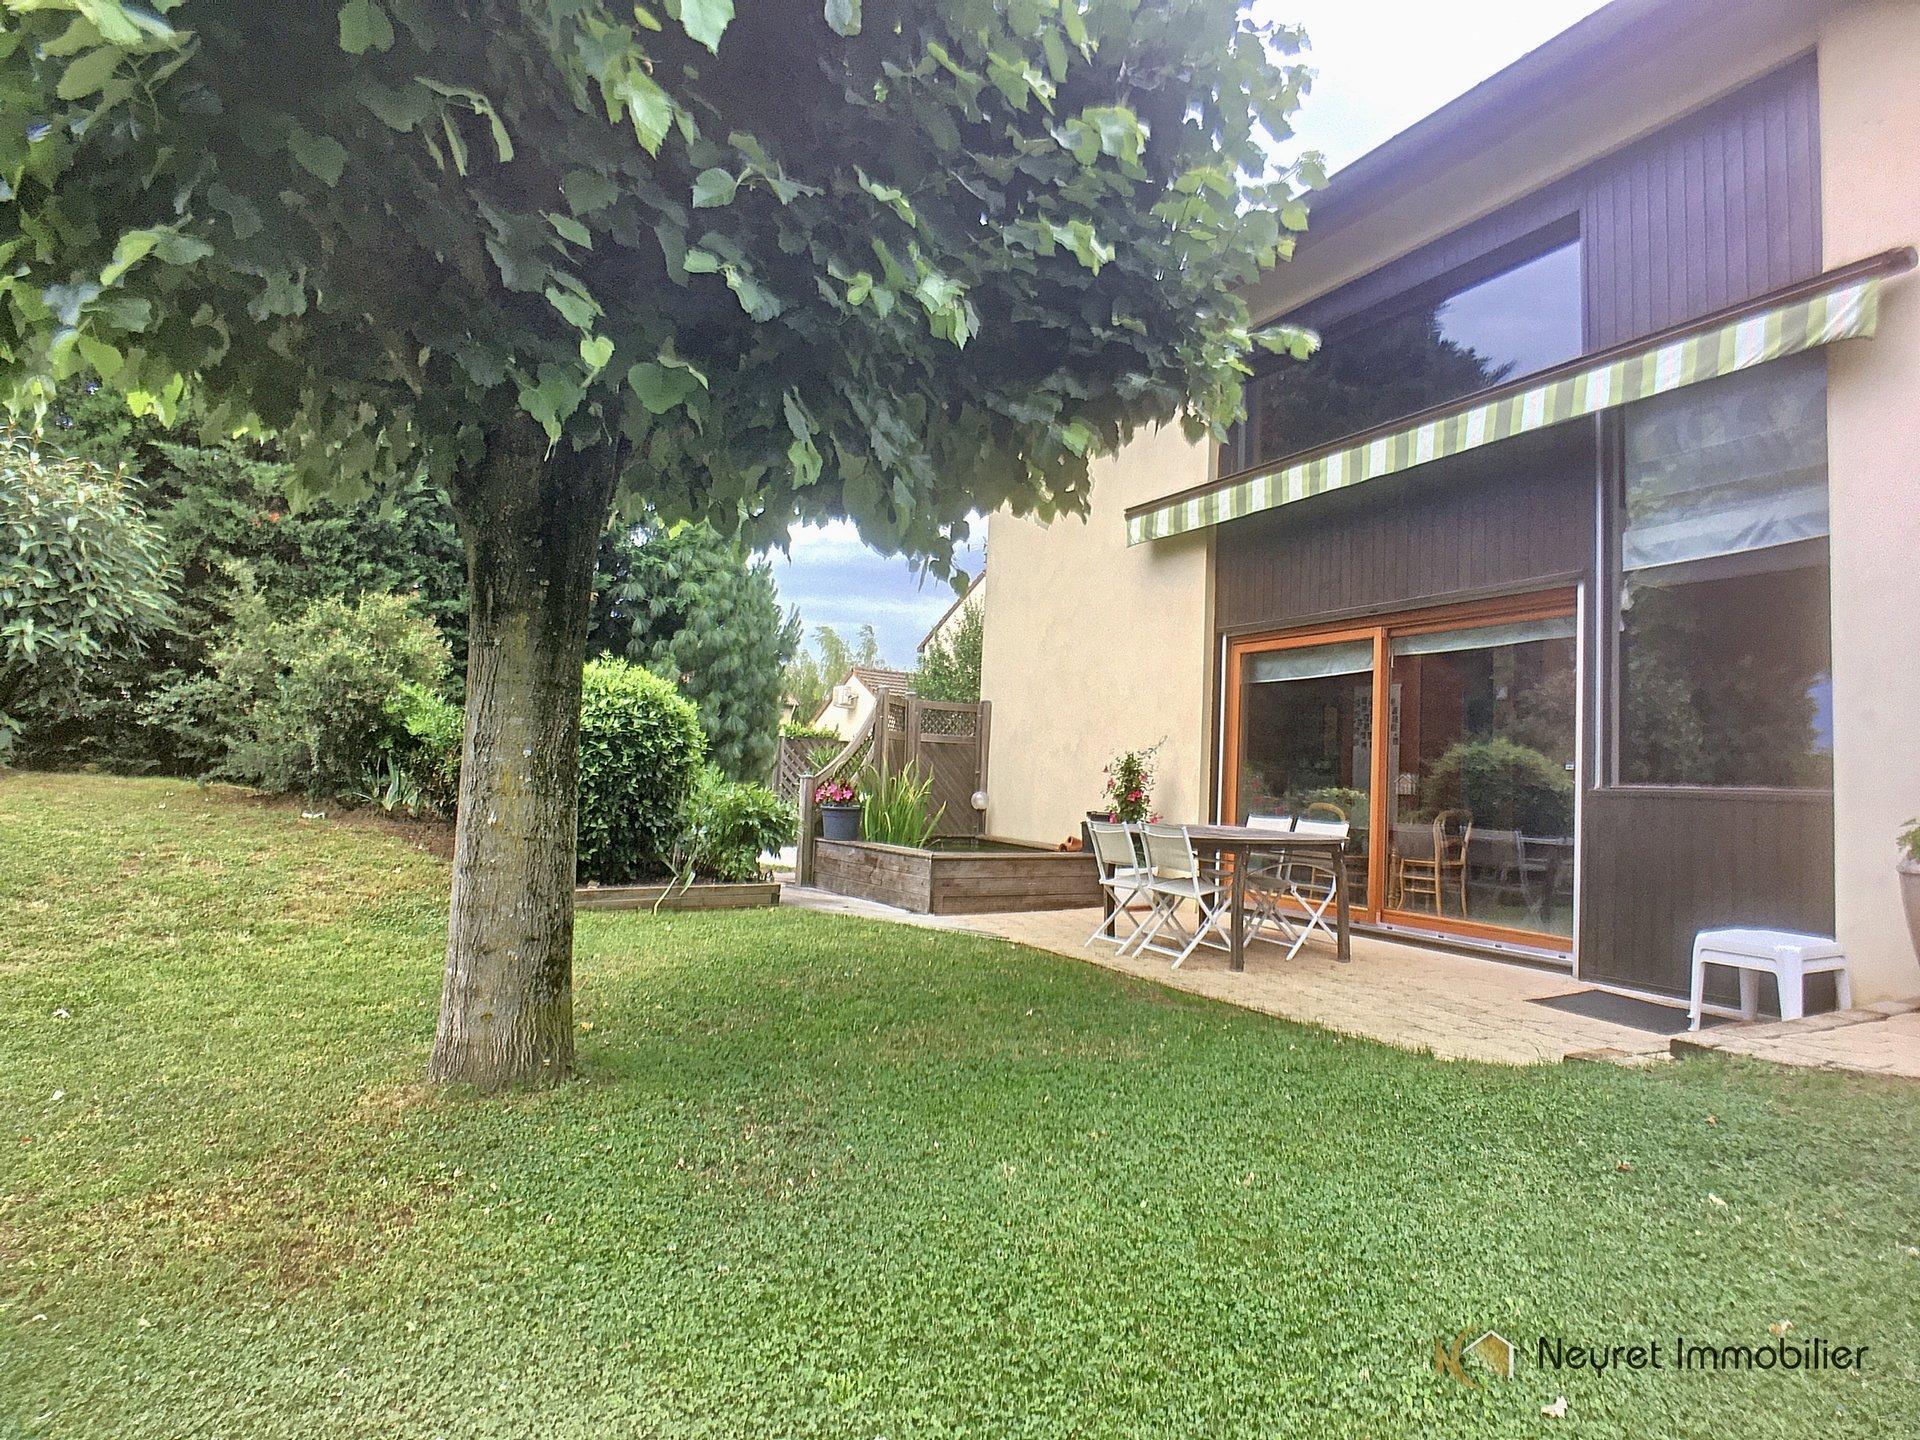 Maison d'architecte - Limite Caluire - 190m2 - terrain 1465m2